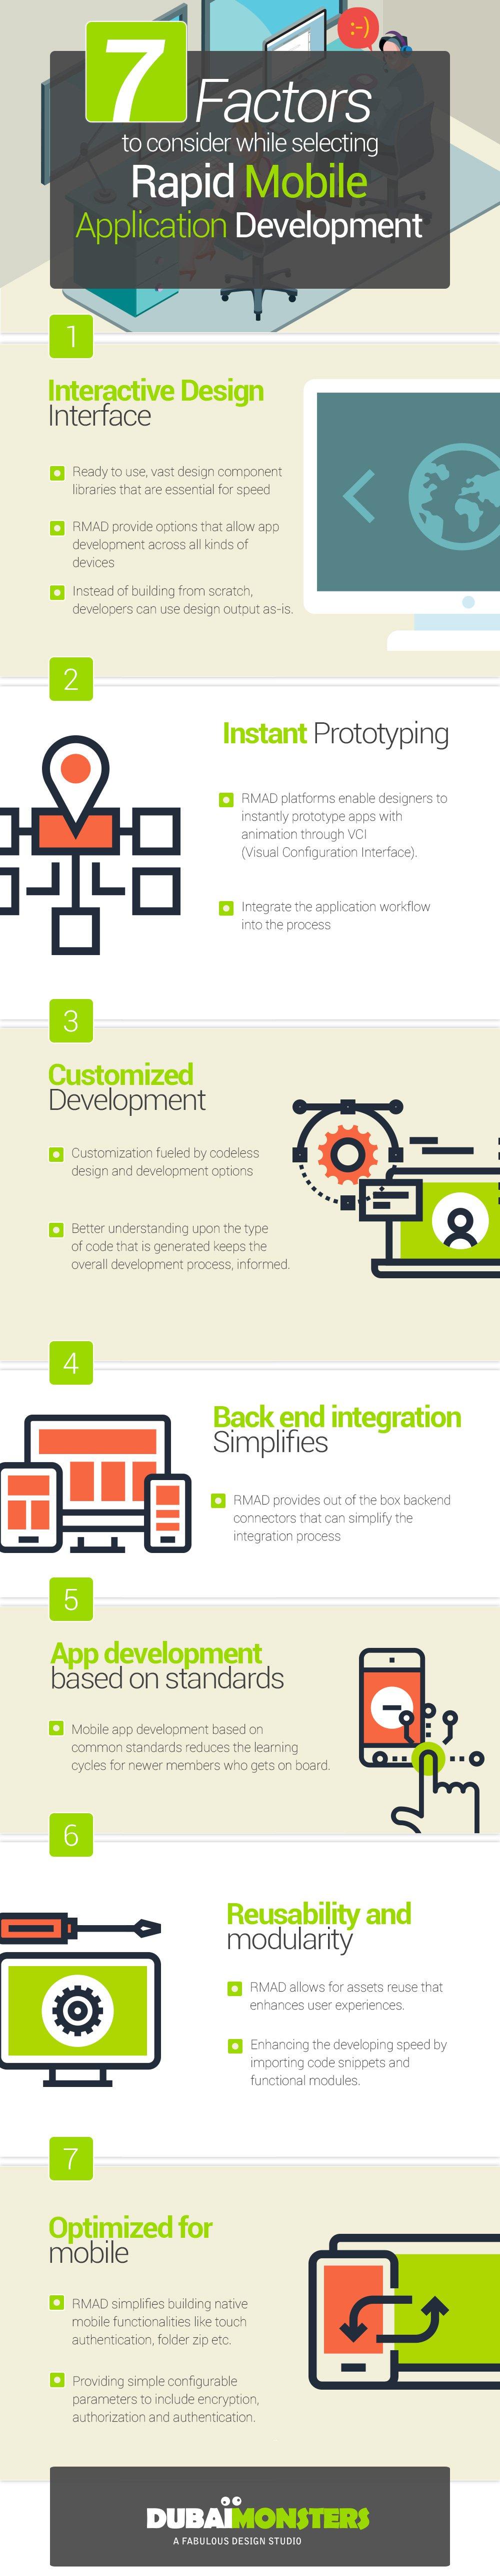 app development infographic